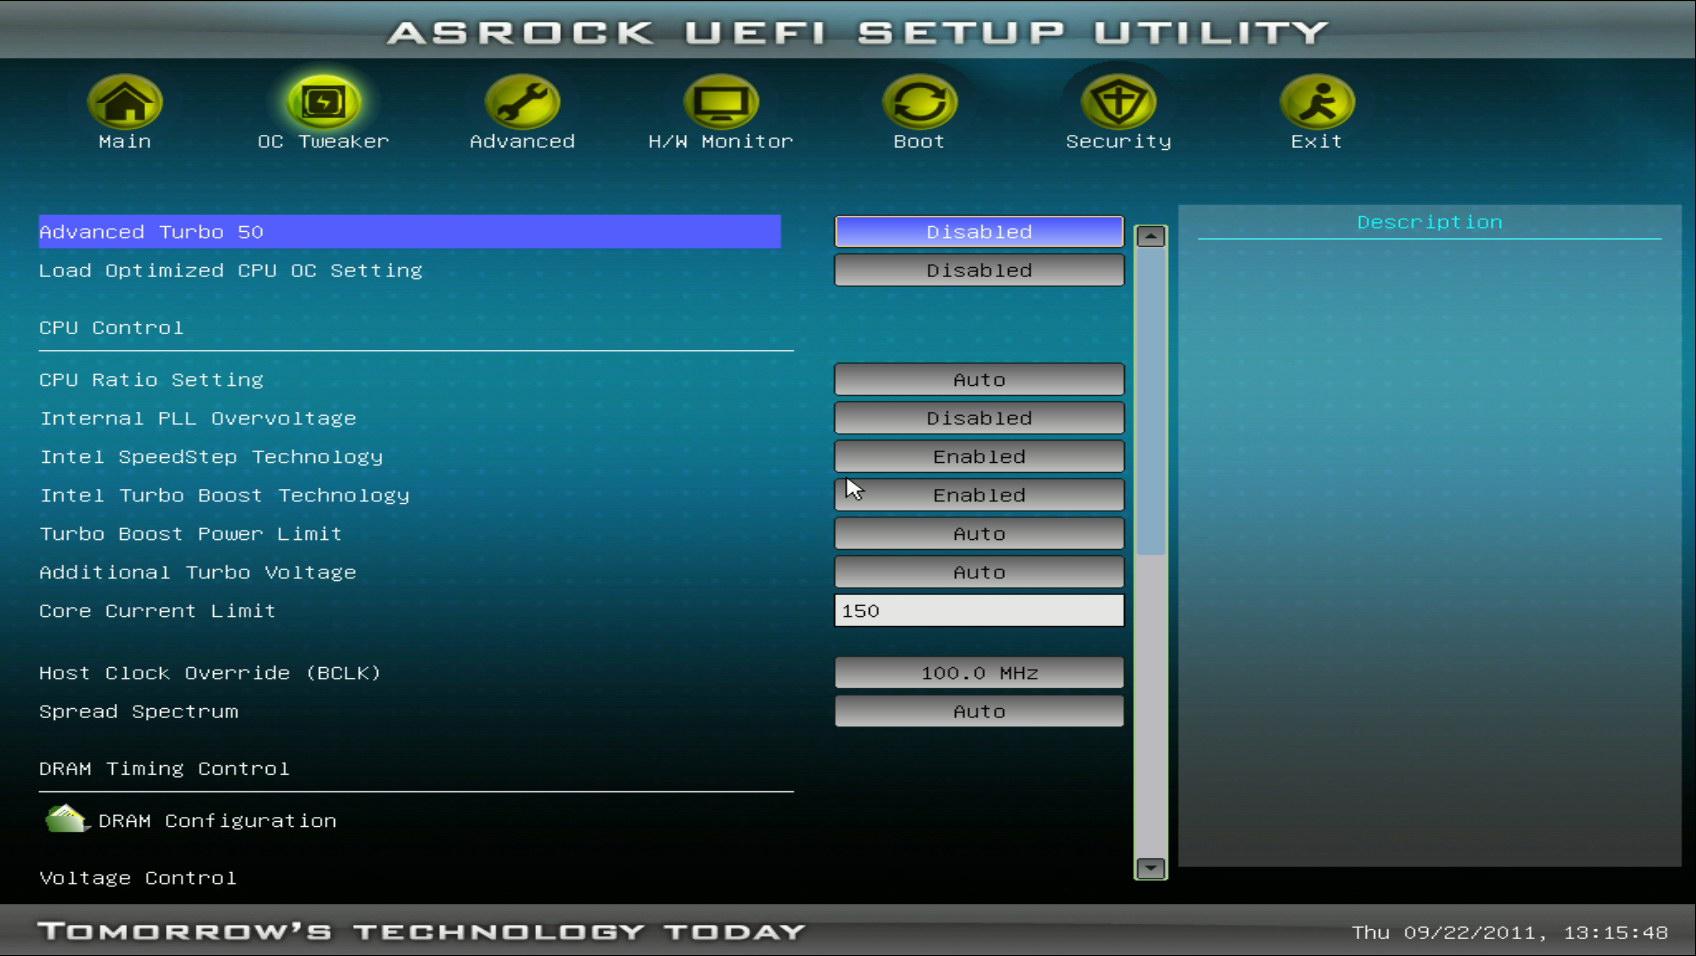 V-razdele-OC-Tweaker-otobrazhajutsya-parametry-processora-i-pamyati-dlya-razgona.jpg